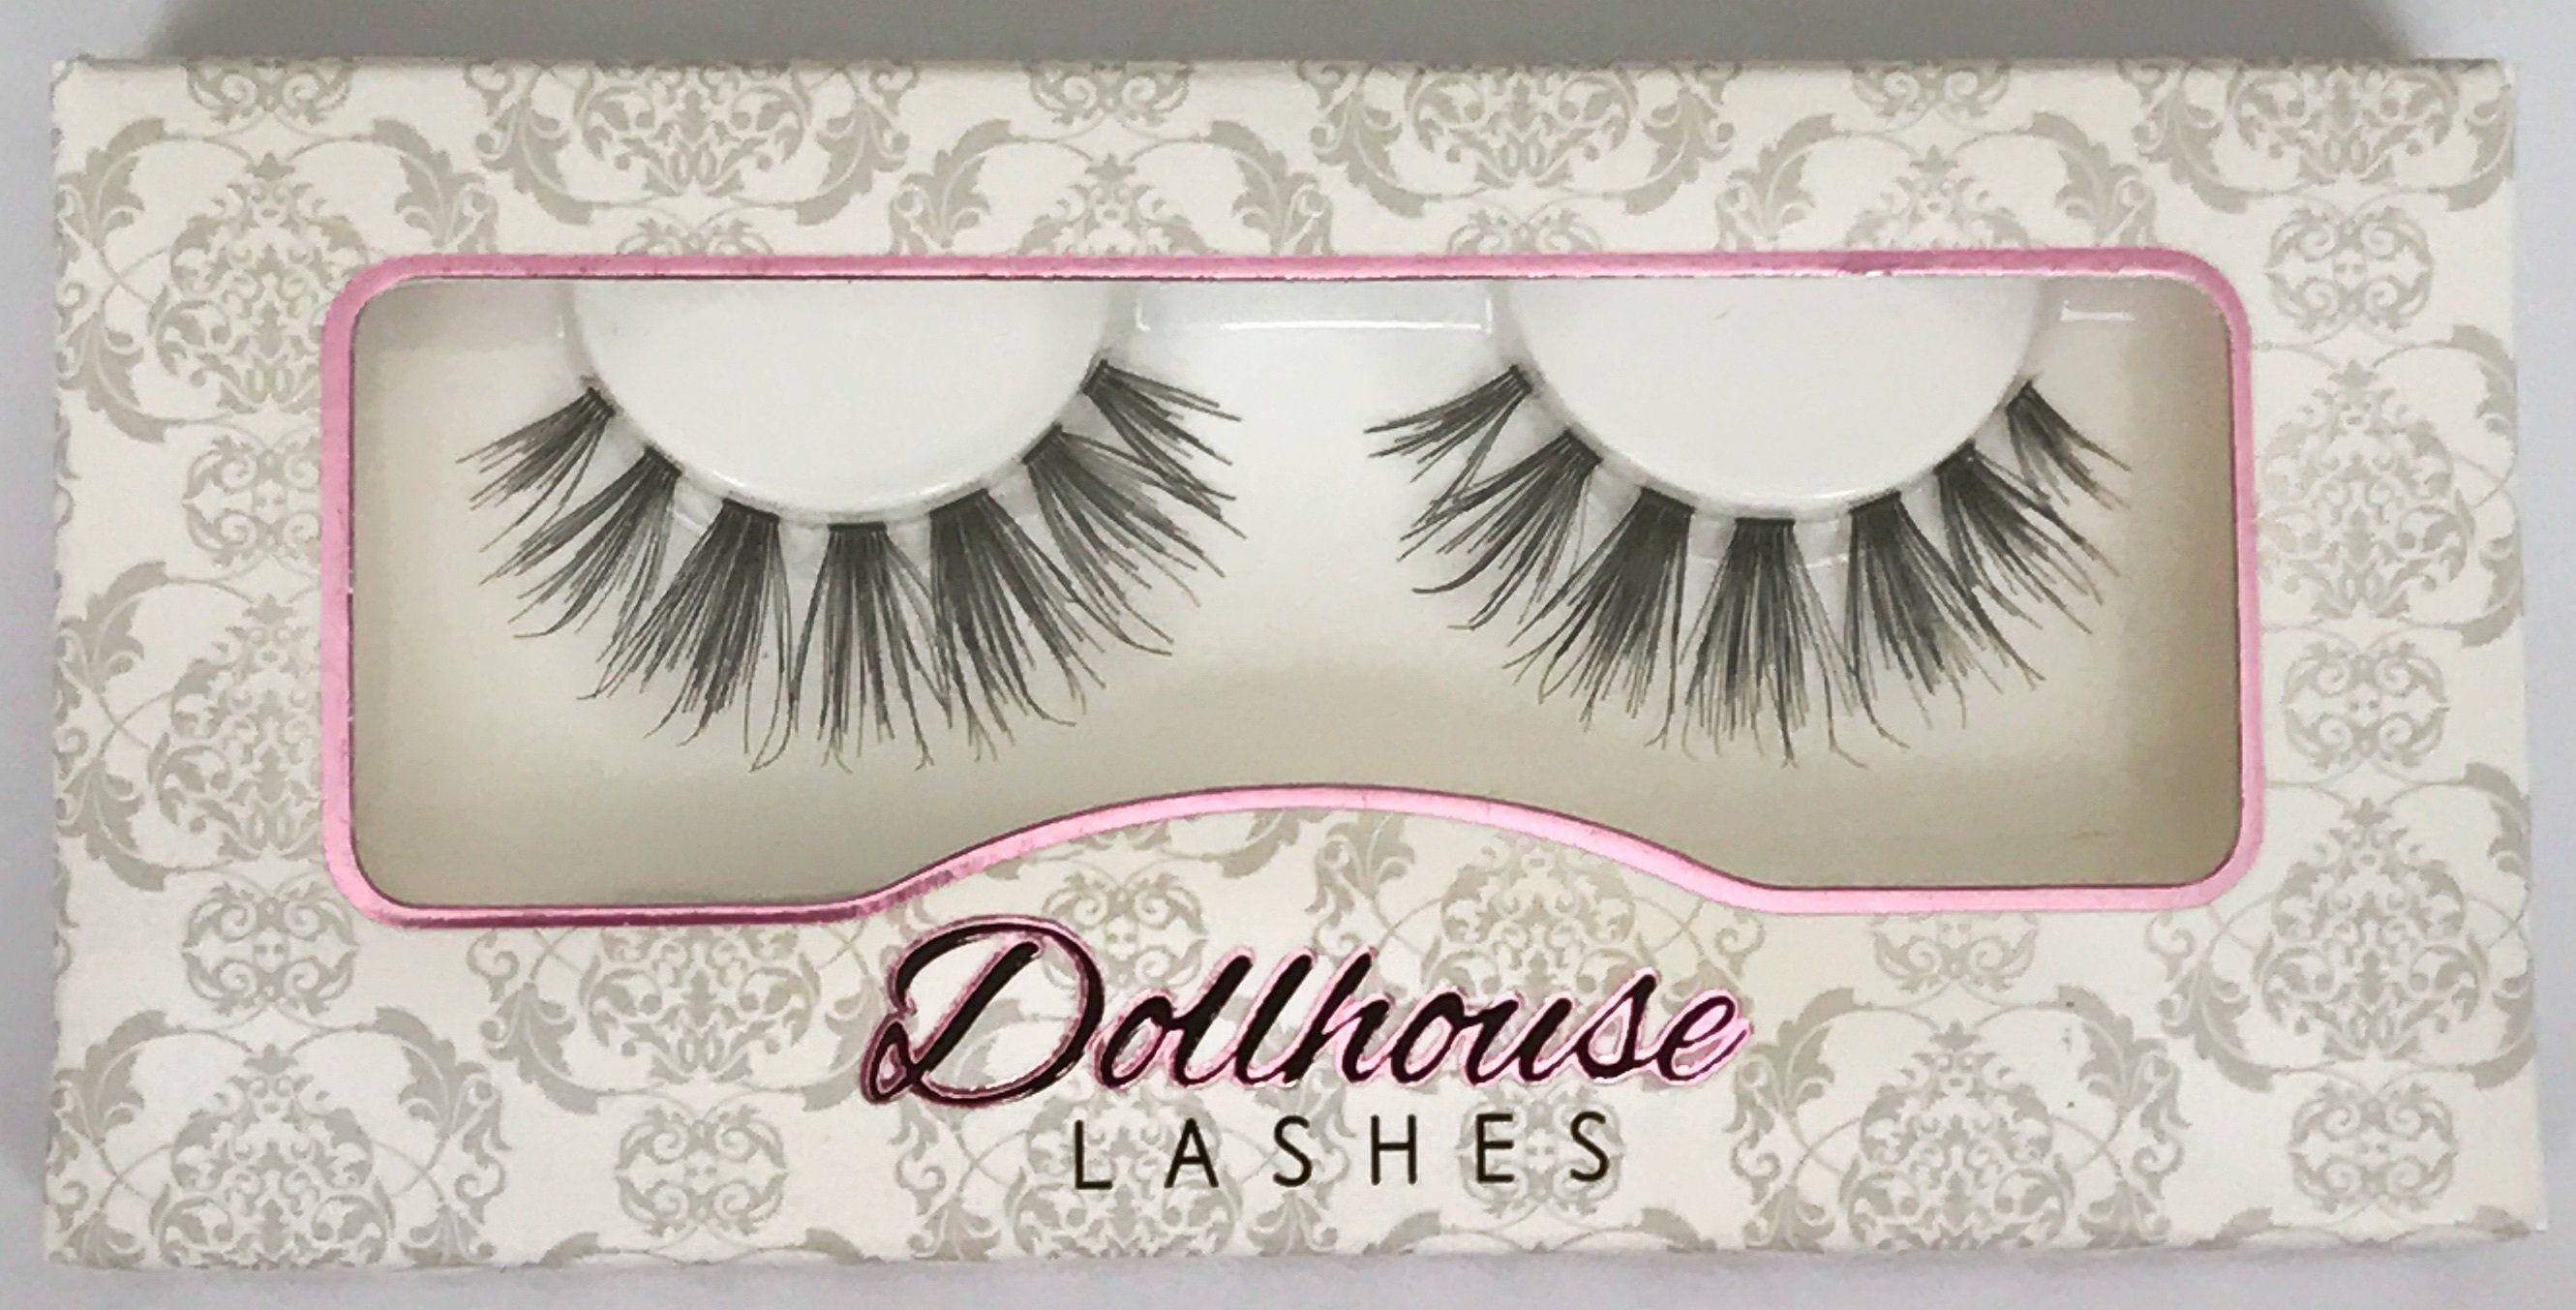 The Best Natural False Eyelashes Boss Lady Dollhouse Lashes